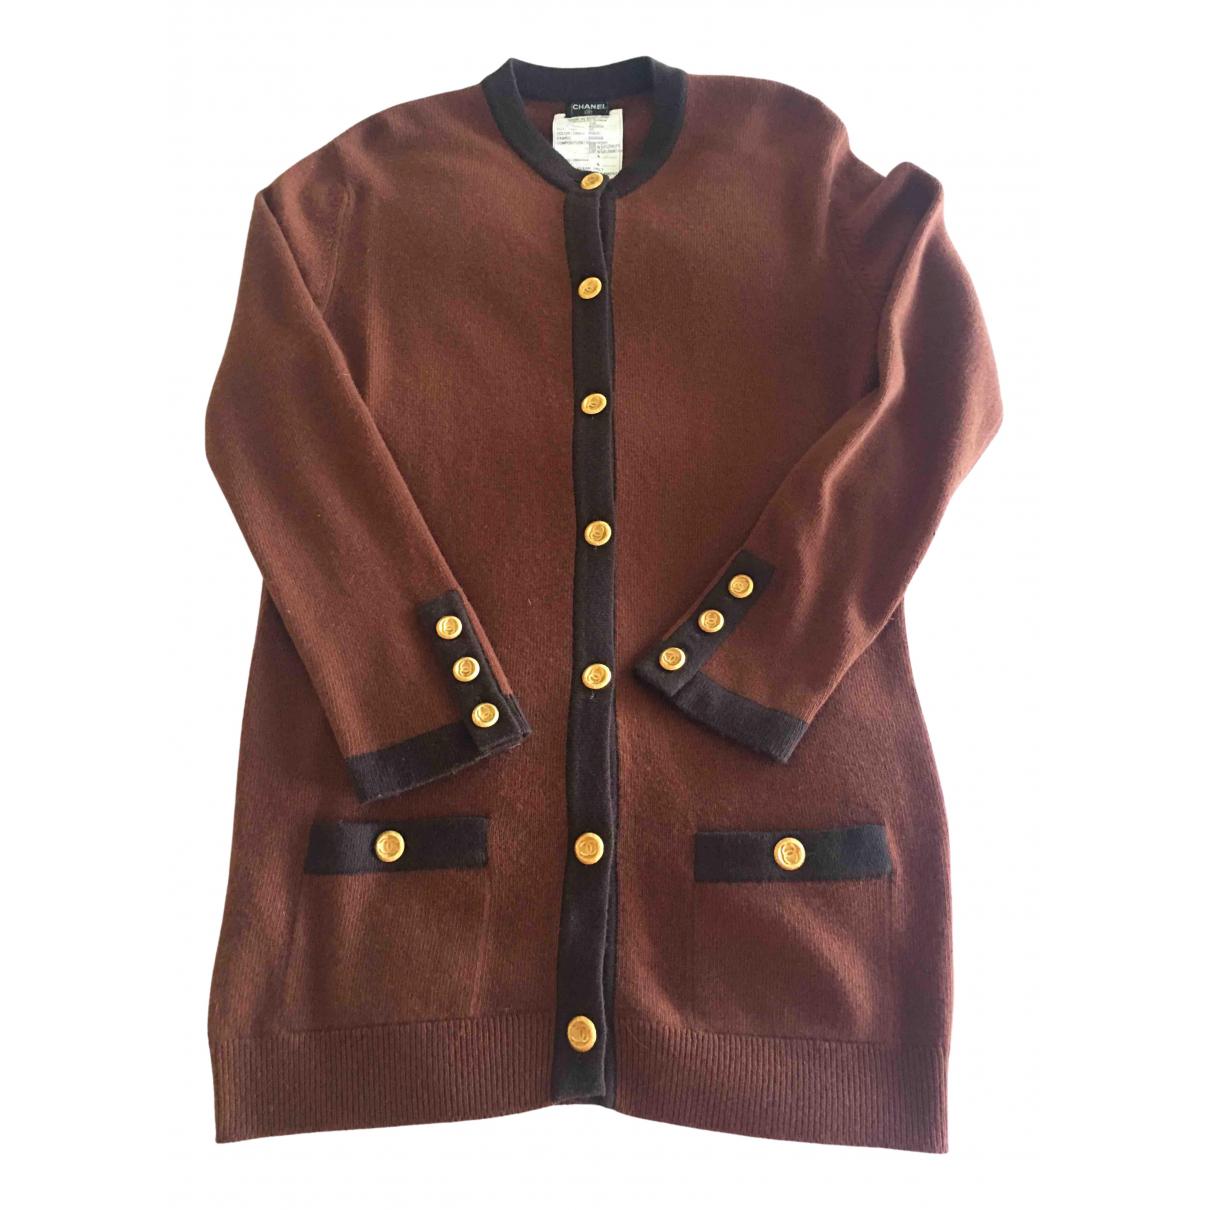 Chanel - Pull   pour femme en cachemire - marron